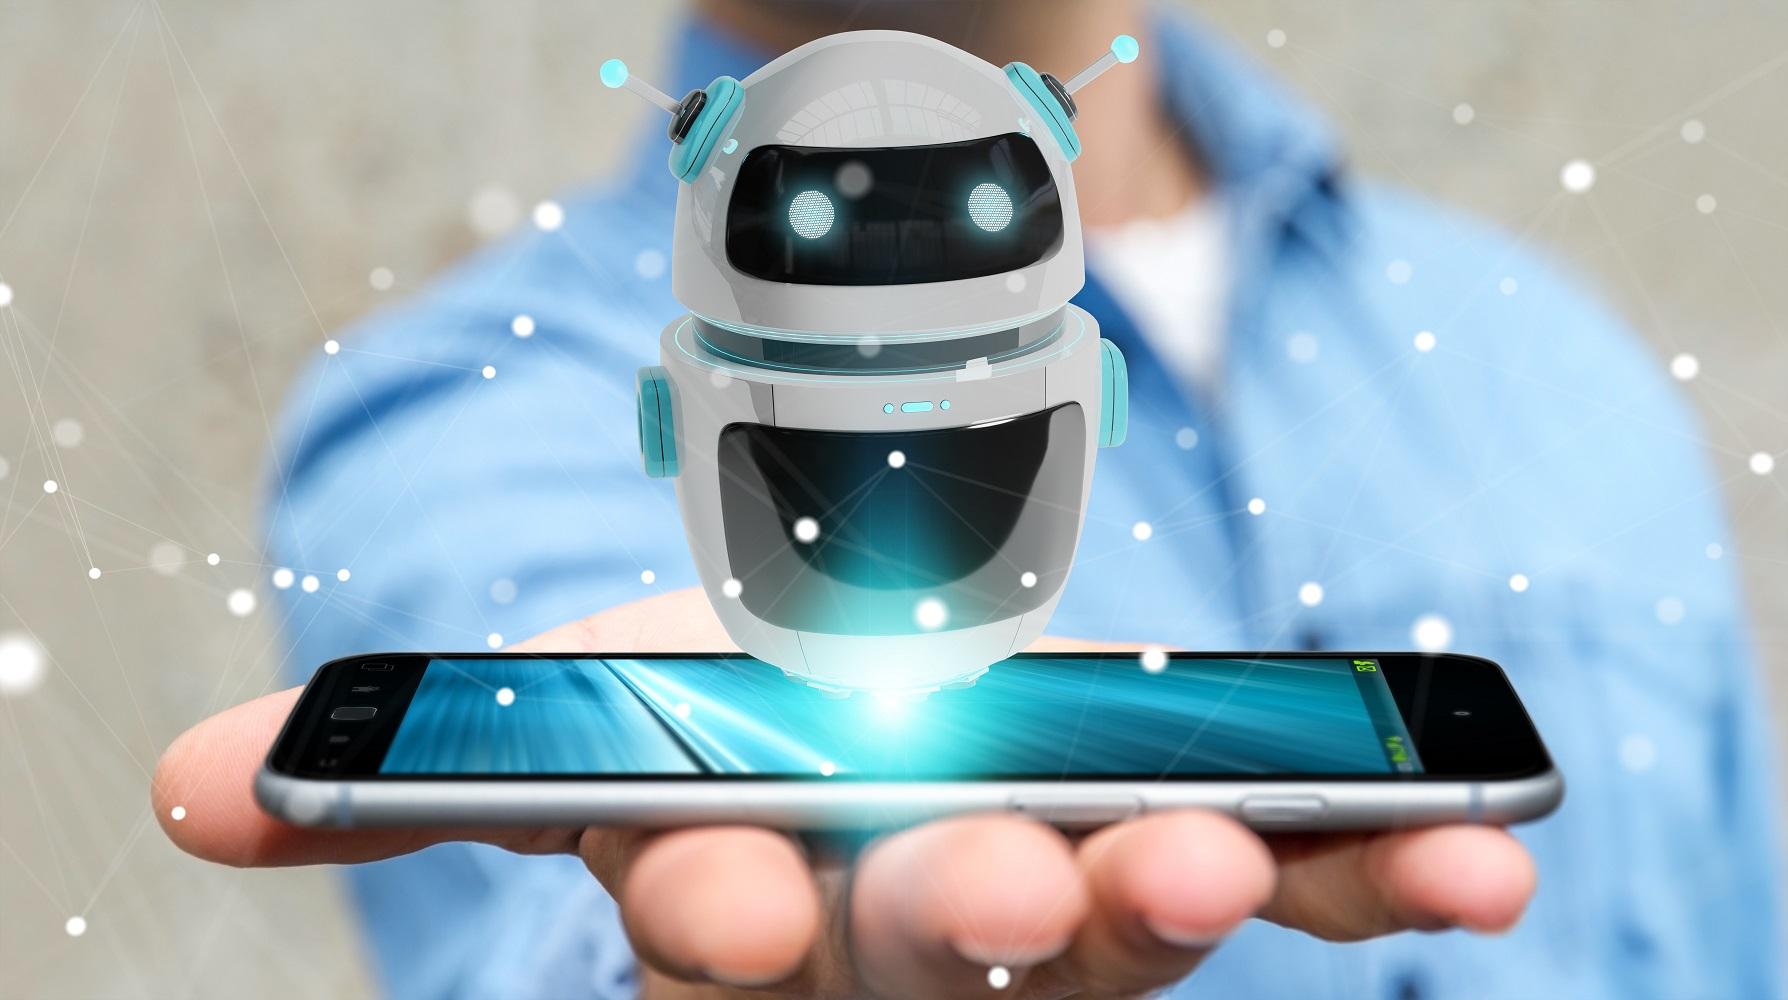 Entenda o que é chatbot e como ele pode melhorar seu atendimento